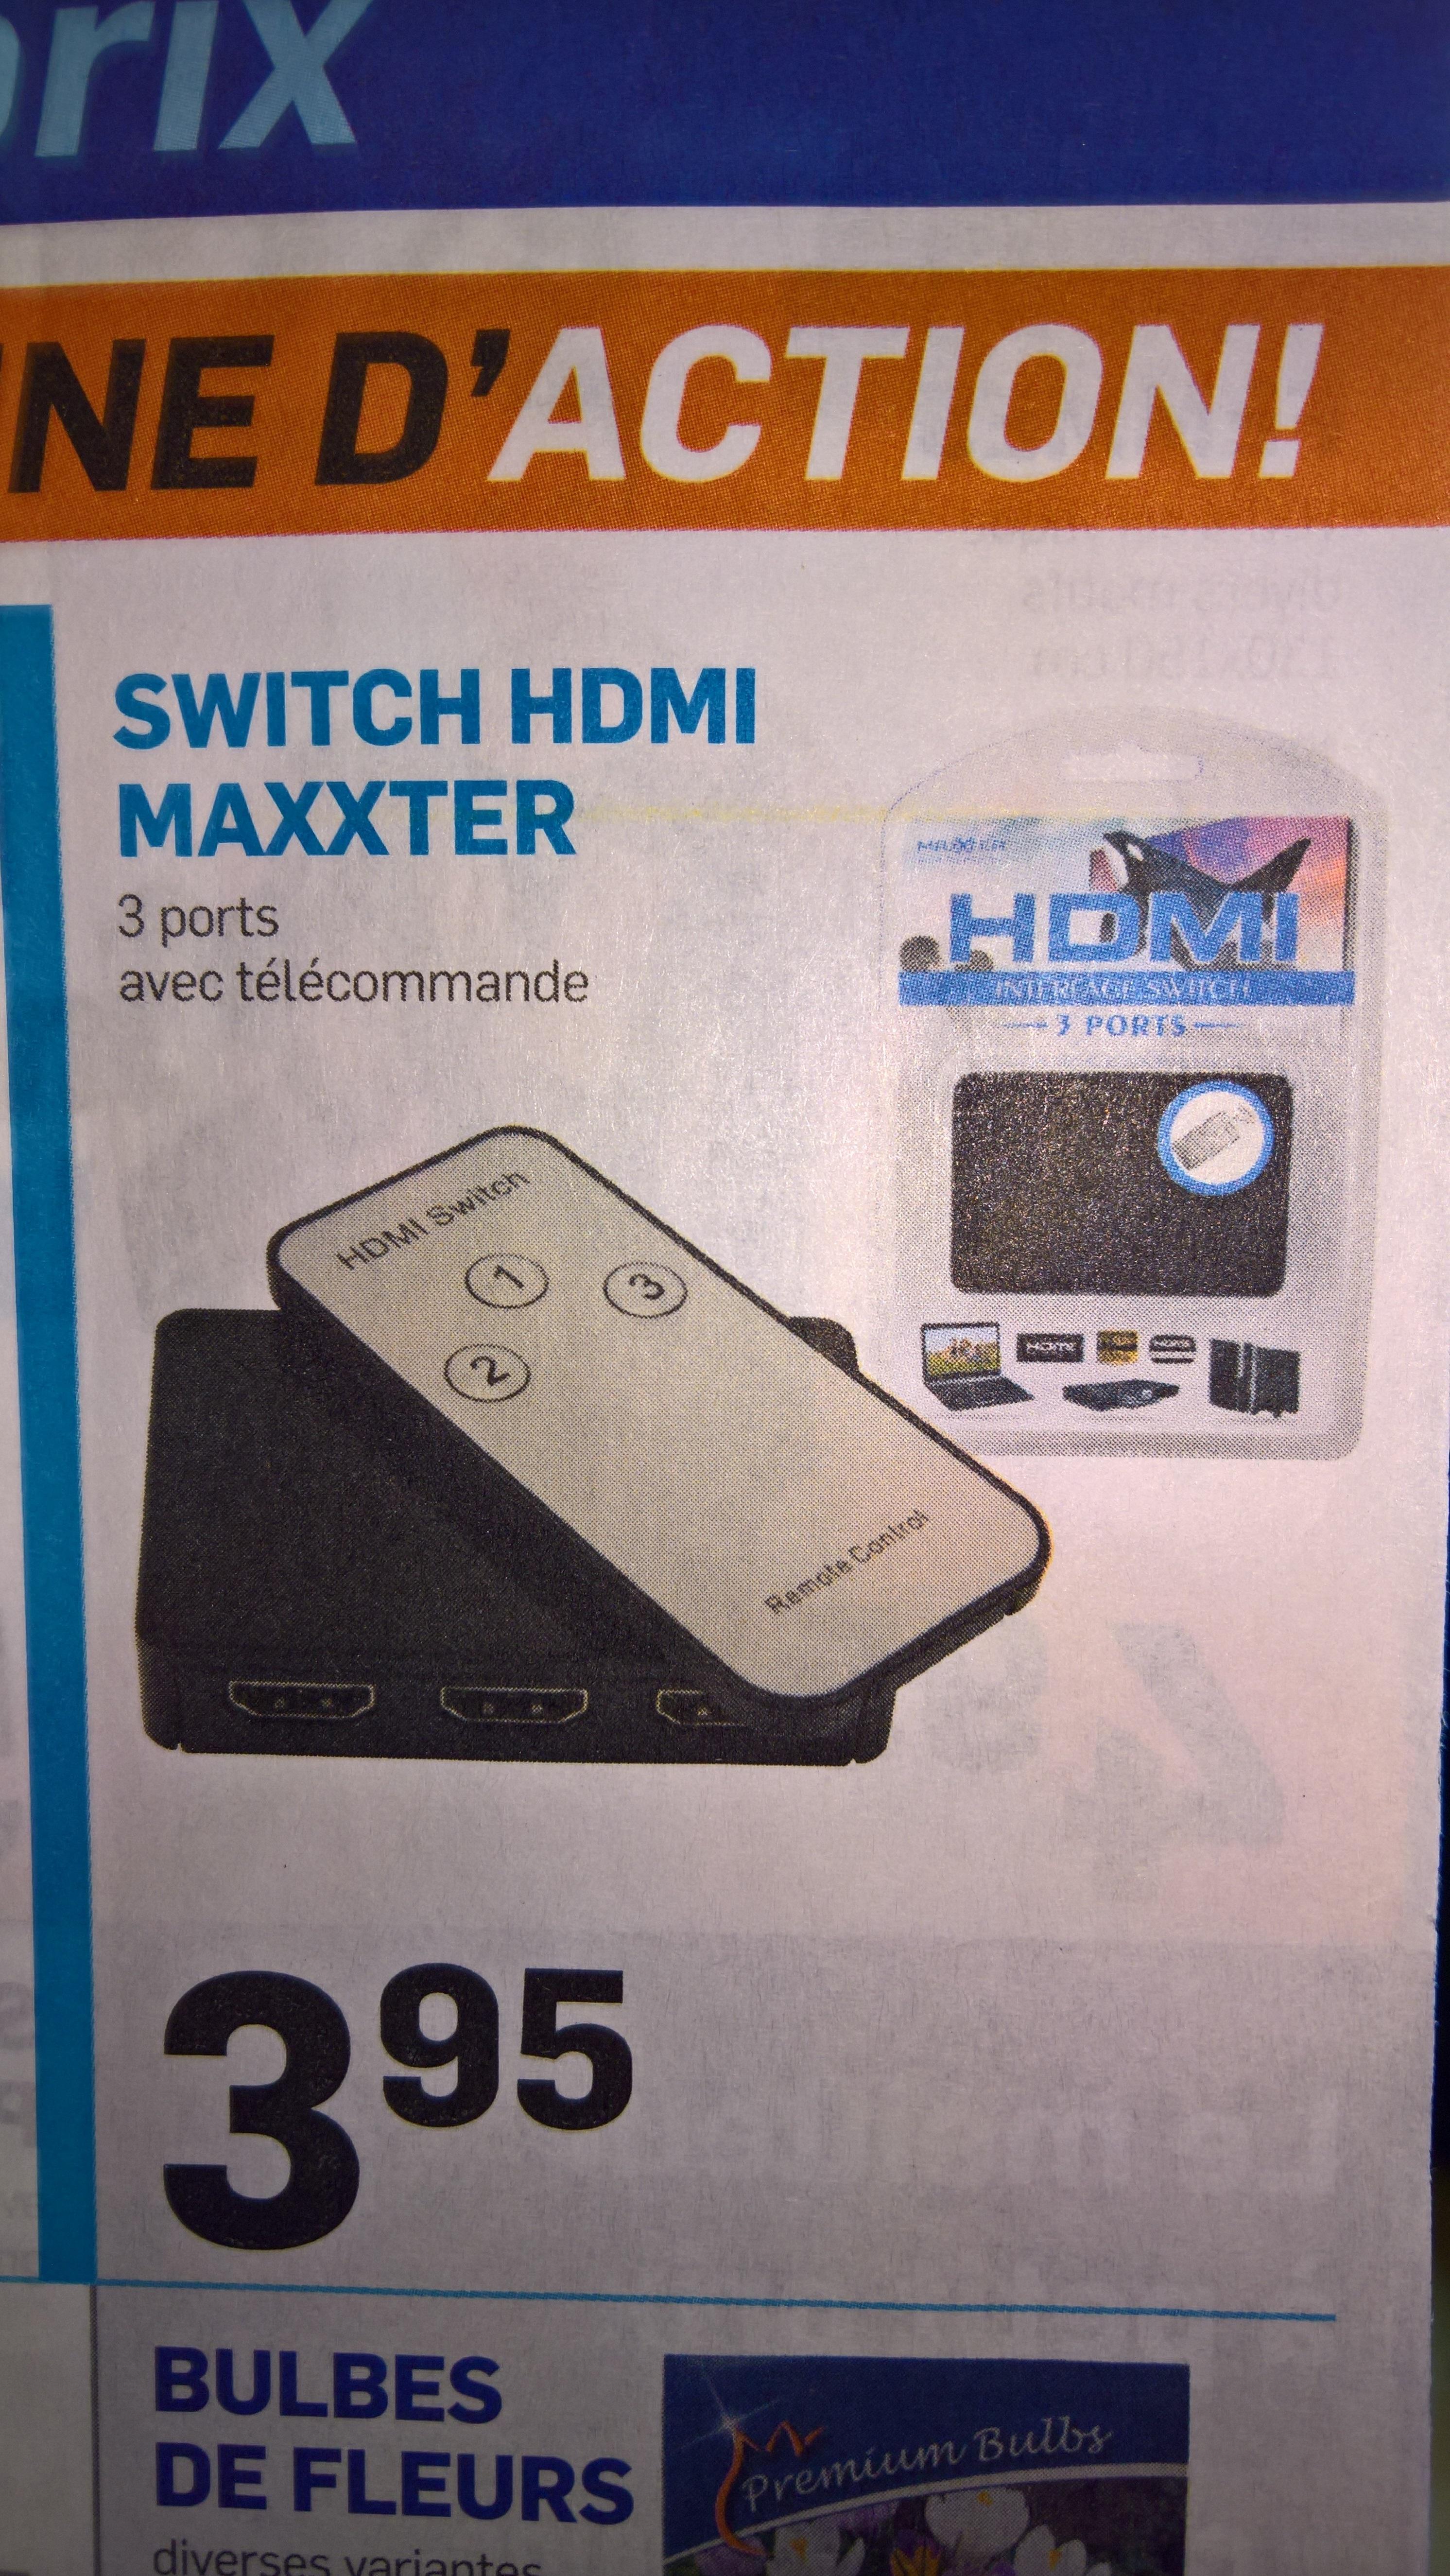 Switch HDMI Maxxter (3 ports, avec télécommande)